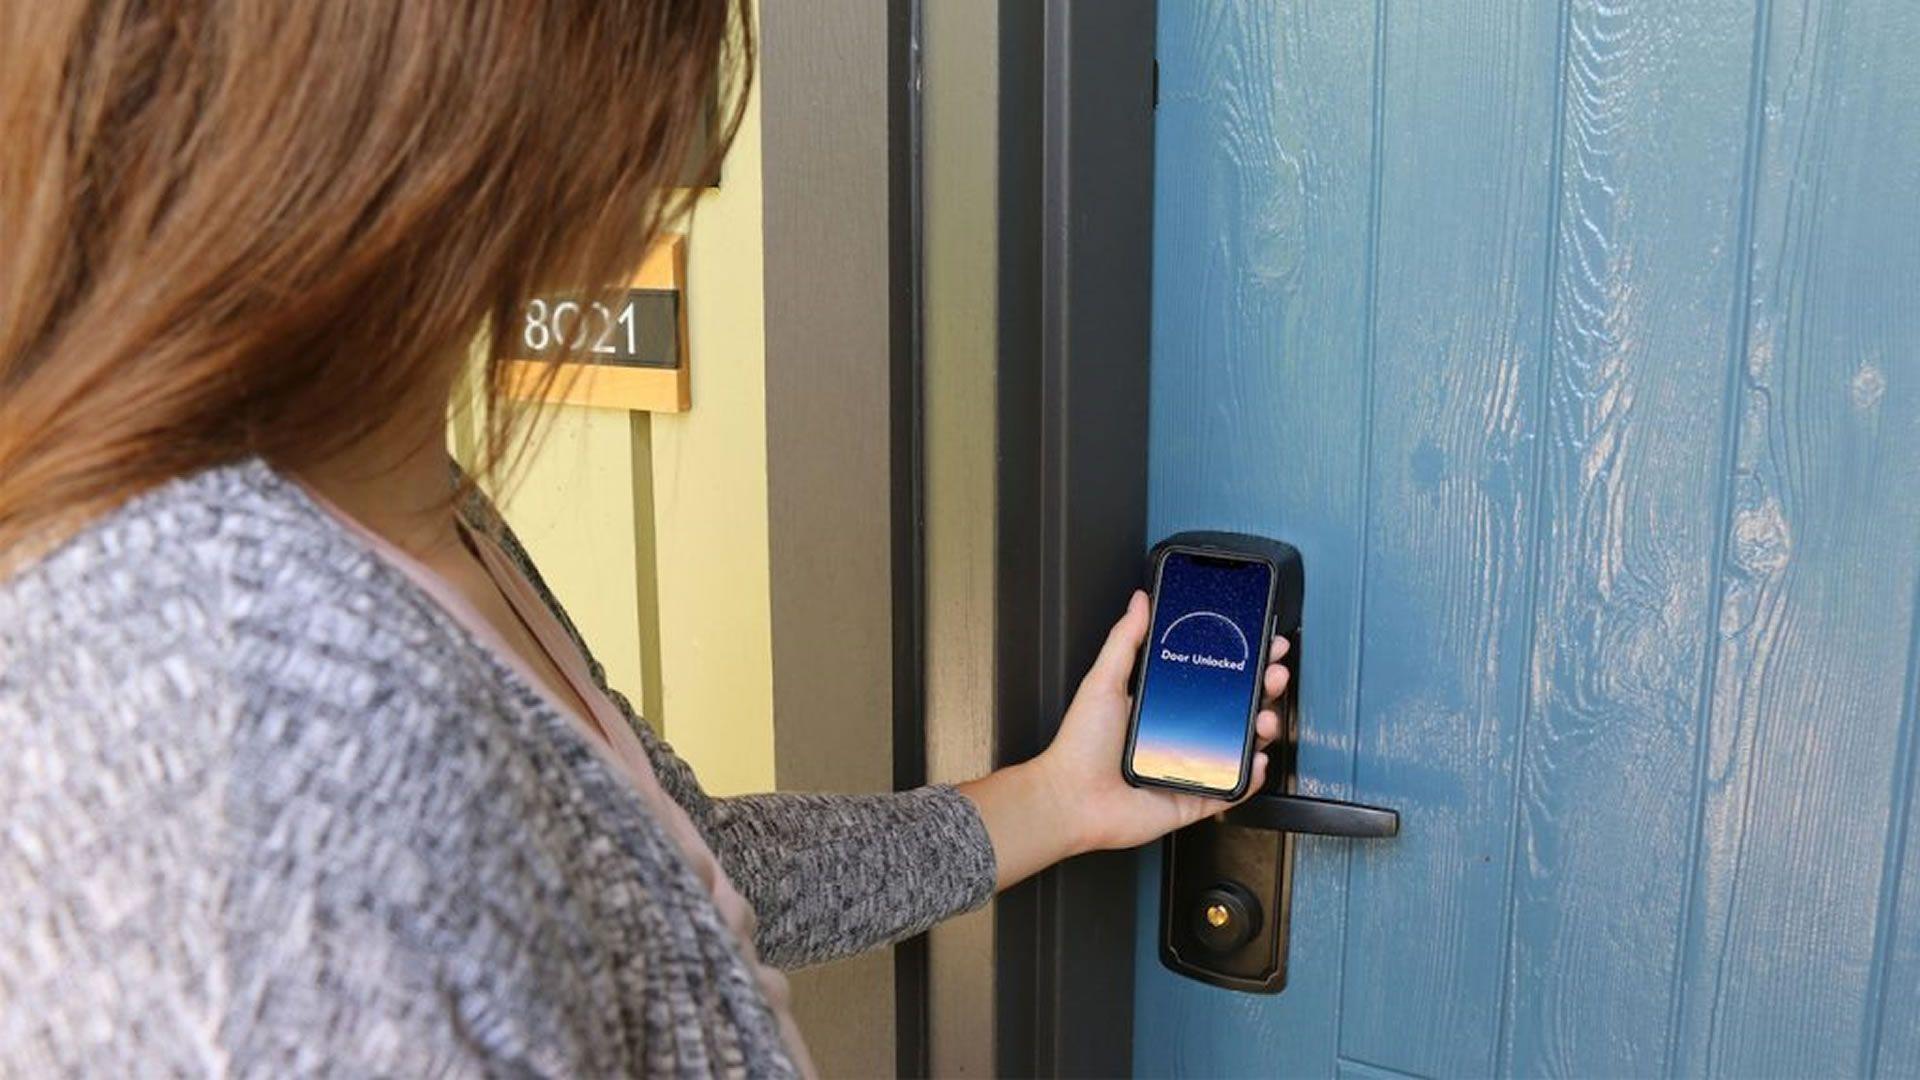 Podremos abrir nuestra habitación en Disney World con el teléfono